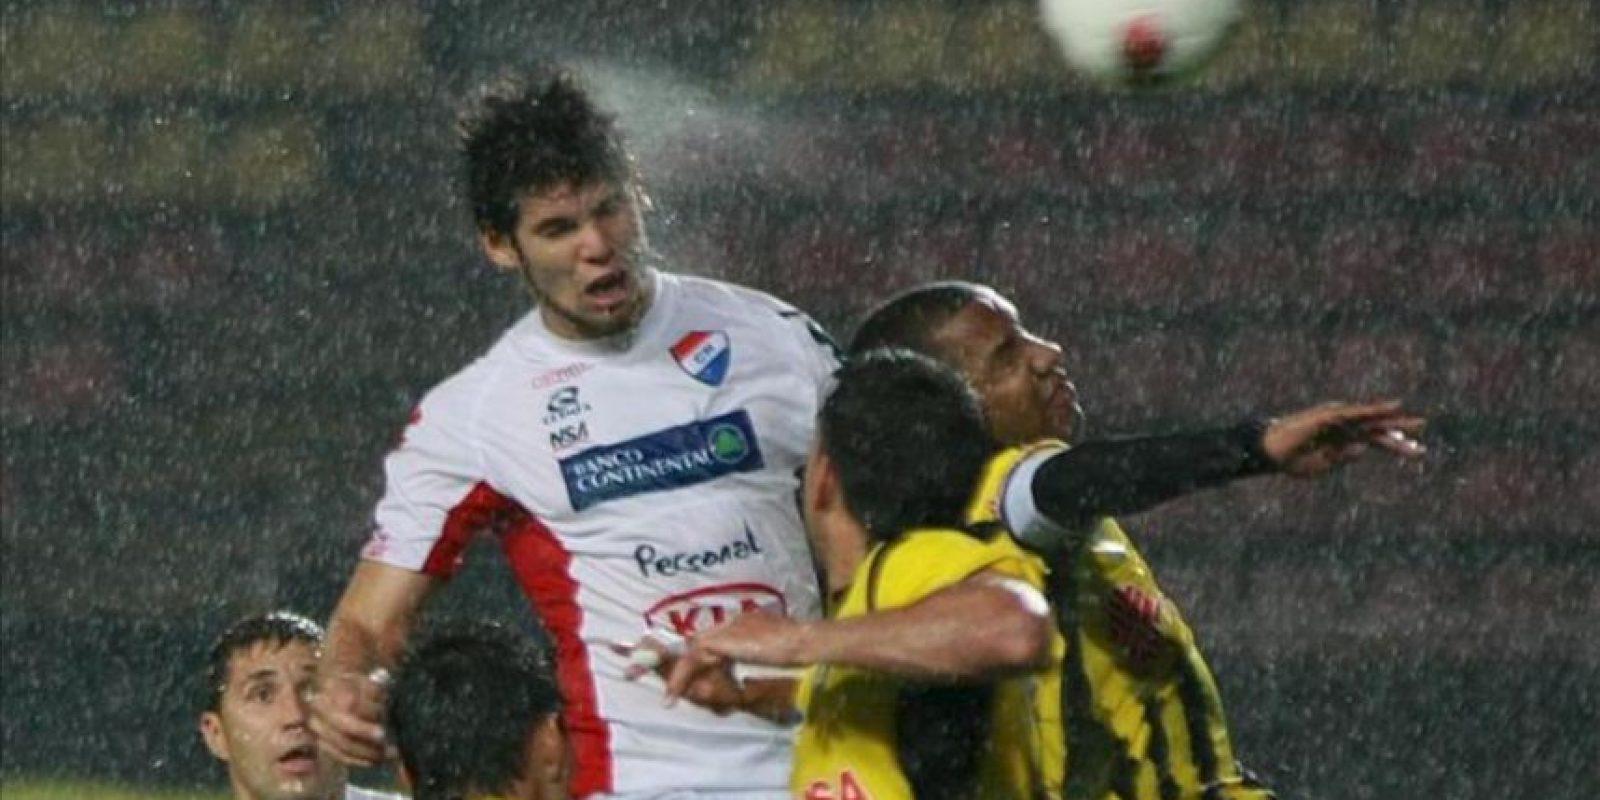 El jugador Ariel Bogado (cent) del equipo Nacional de Paraguay, disputa el balón con jugadores del Deportivo Táchira de Venezuela, durante el partido de la Copa Libertadores en el estadio de Pueblo Nuevo en San Cristobal (Venezuela). EFE